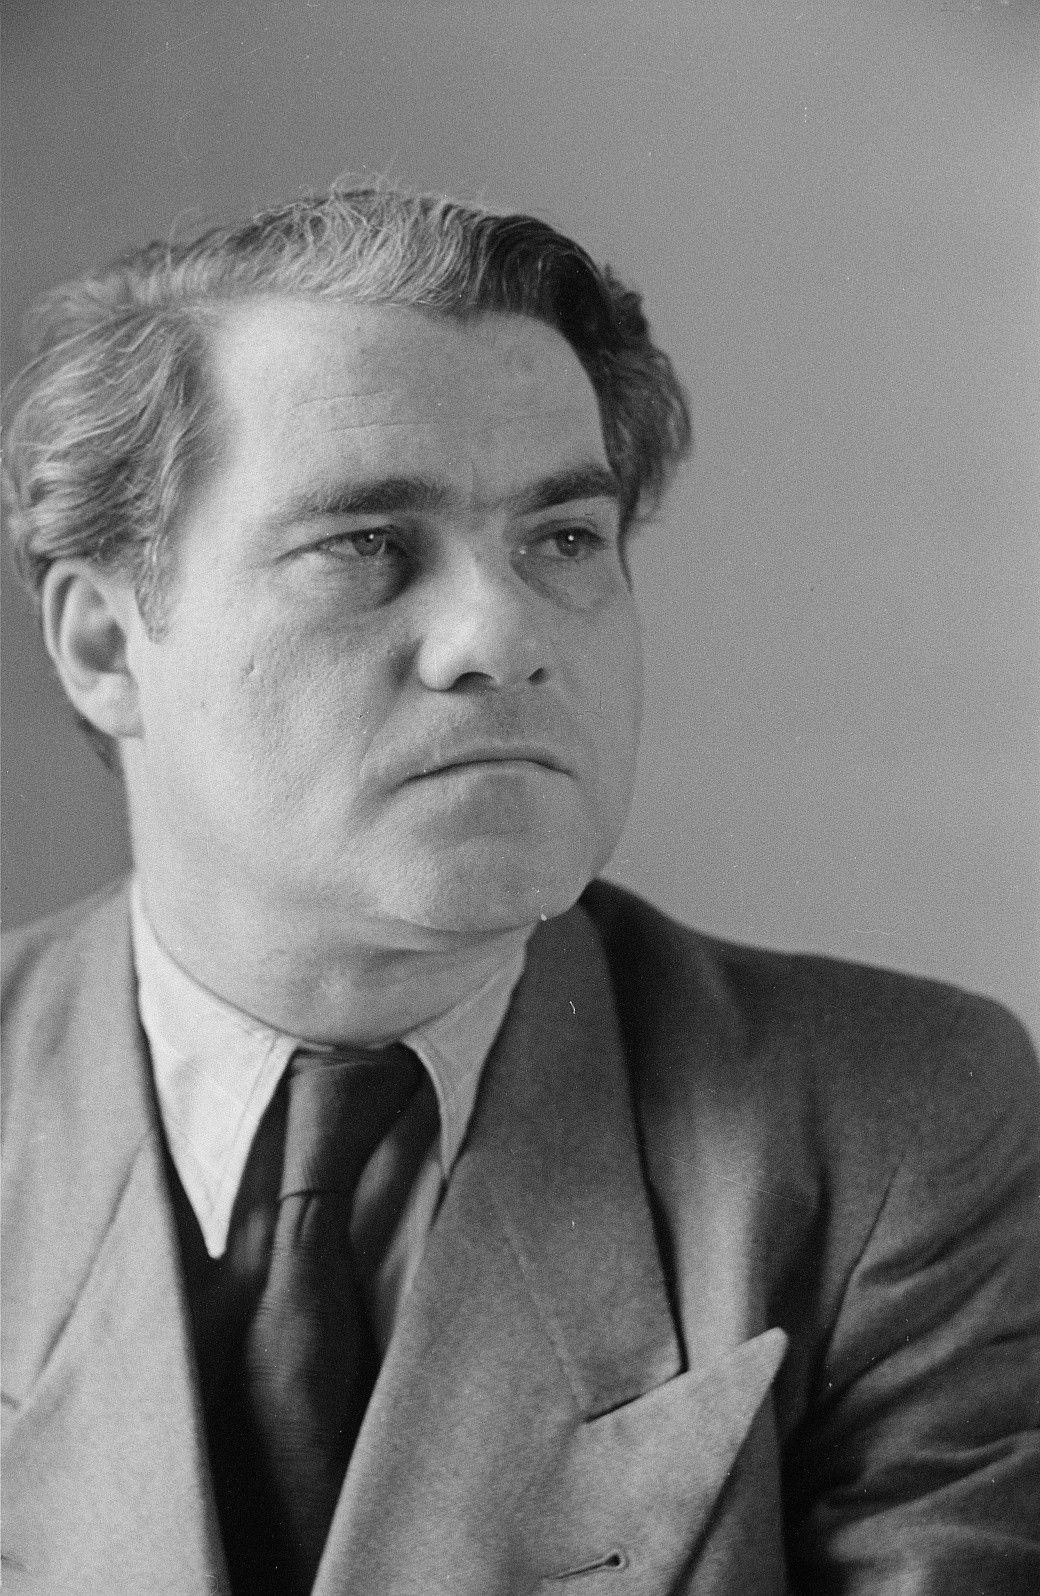 Portrait de Joseph Keilberth: une photo de Abraham Pisarek,  Aufn.-Nr.: df_pk_0001024_010, Eigentümer: SLUB / Deutsche Fotothek, cliquer pour voir l'original